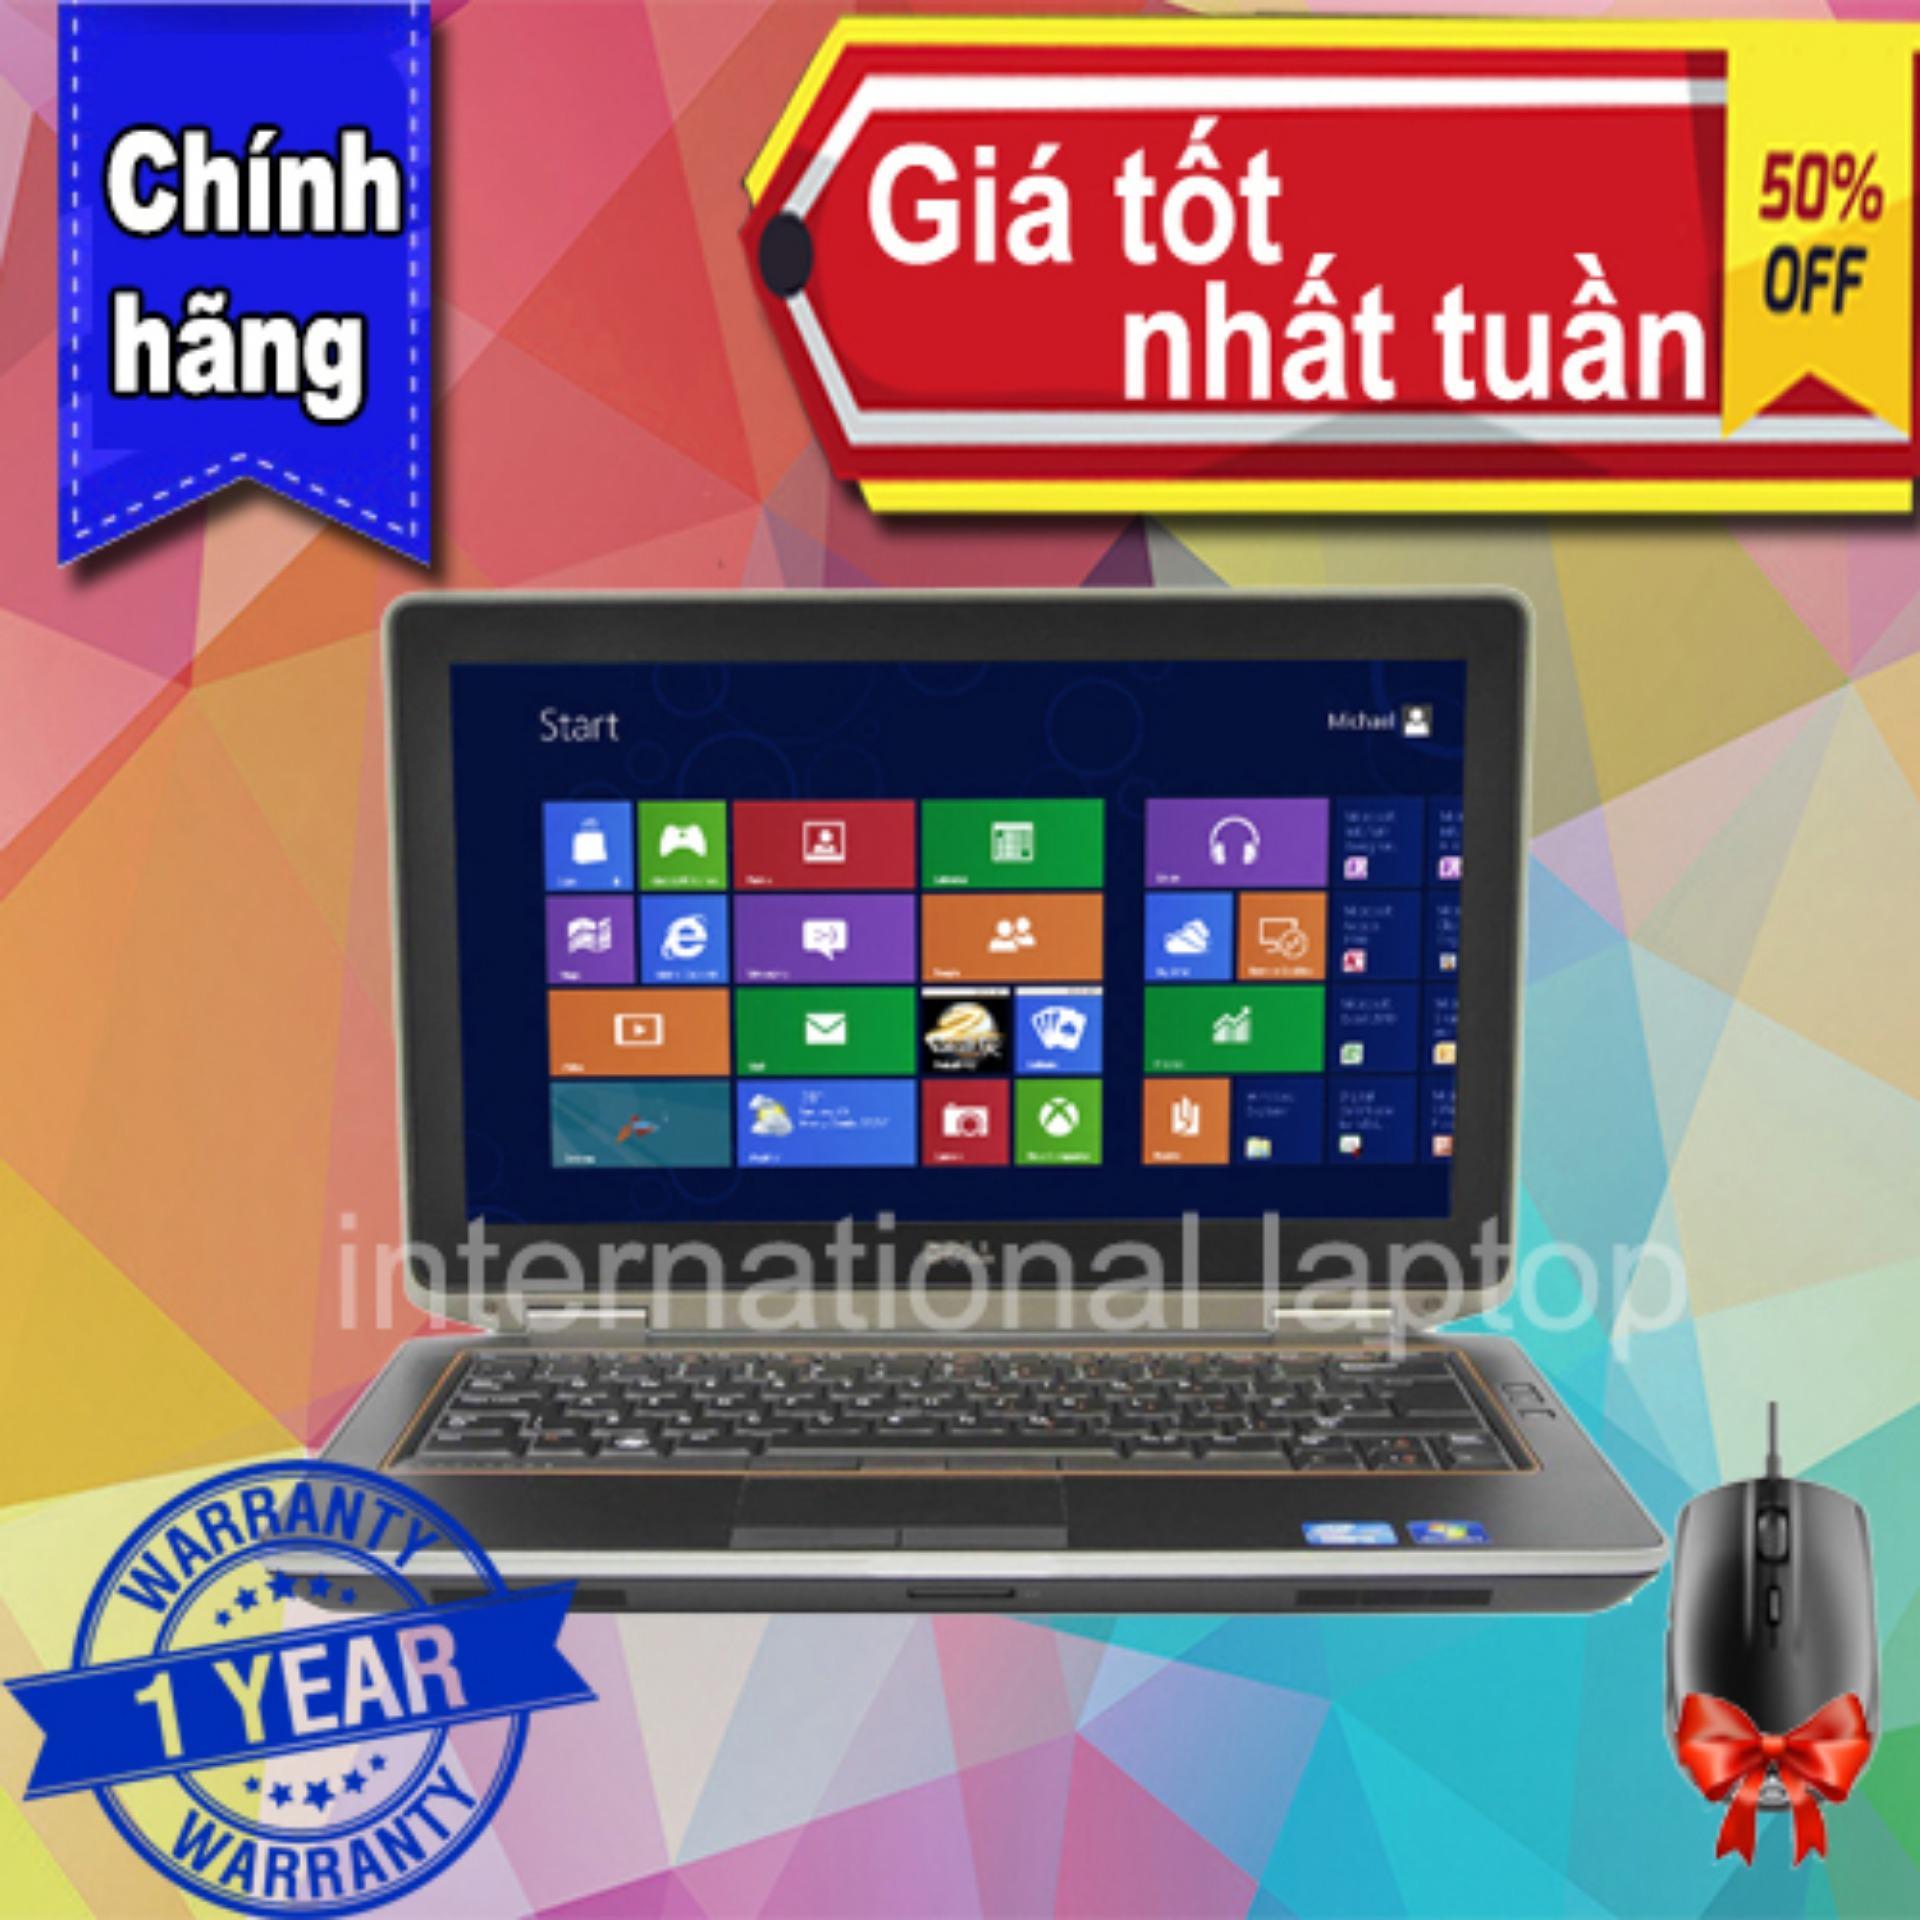 Mua Laptop Dell Latitude E6320 I7 4 250 Hang Nhập Khẩu Trong Vietnam